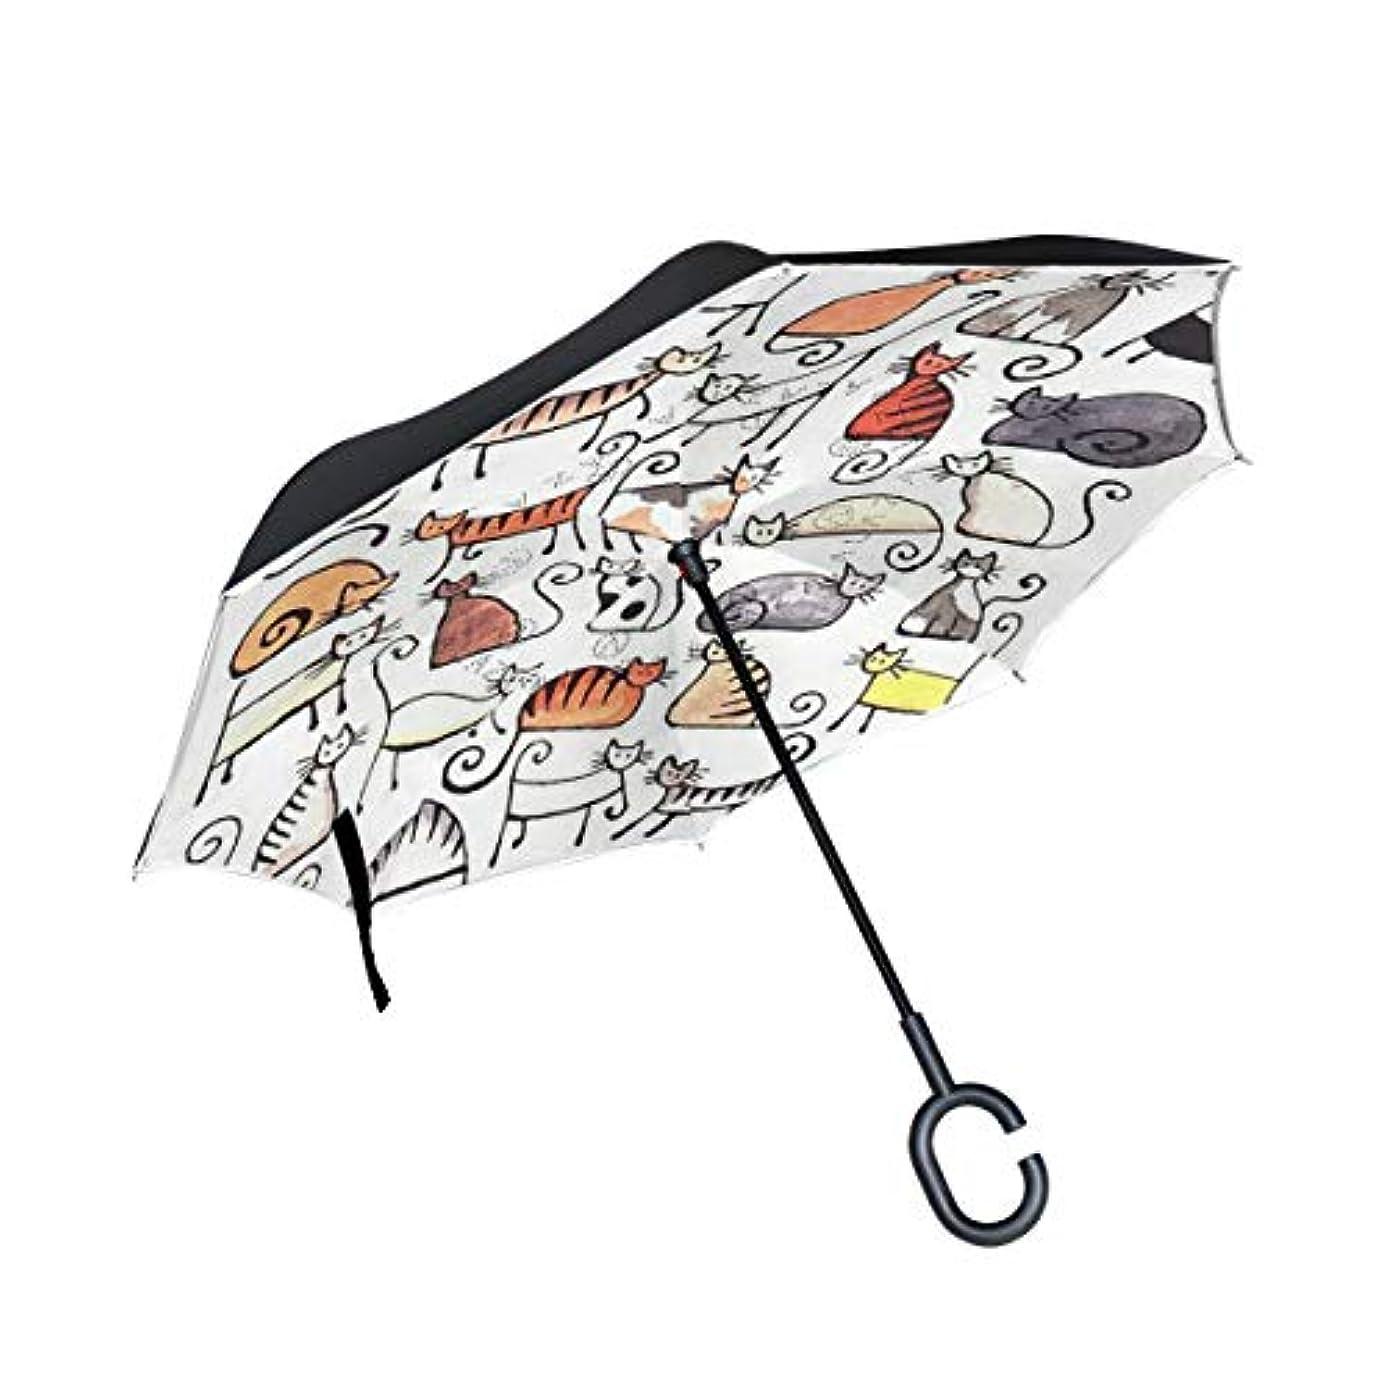 もちろん吐く動く逆傘 逆さ傘 長傘 日傘 逆折り式傘 晴雨兼用 梅雨対策 UVカット 耐強風 C型 二重構造 車用 猫柄